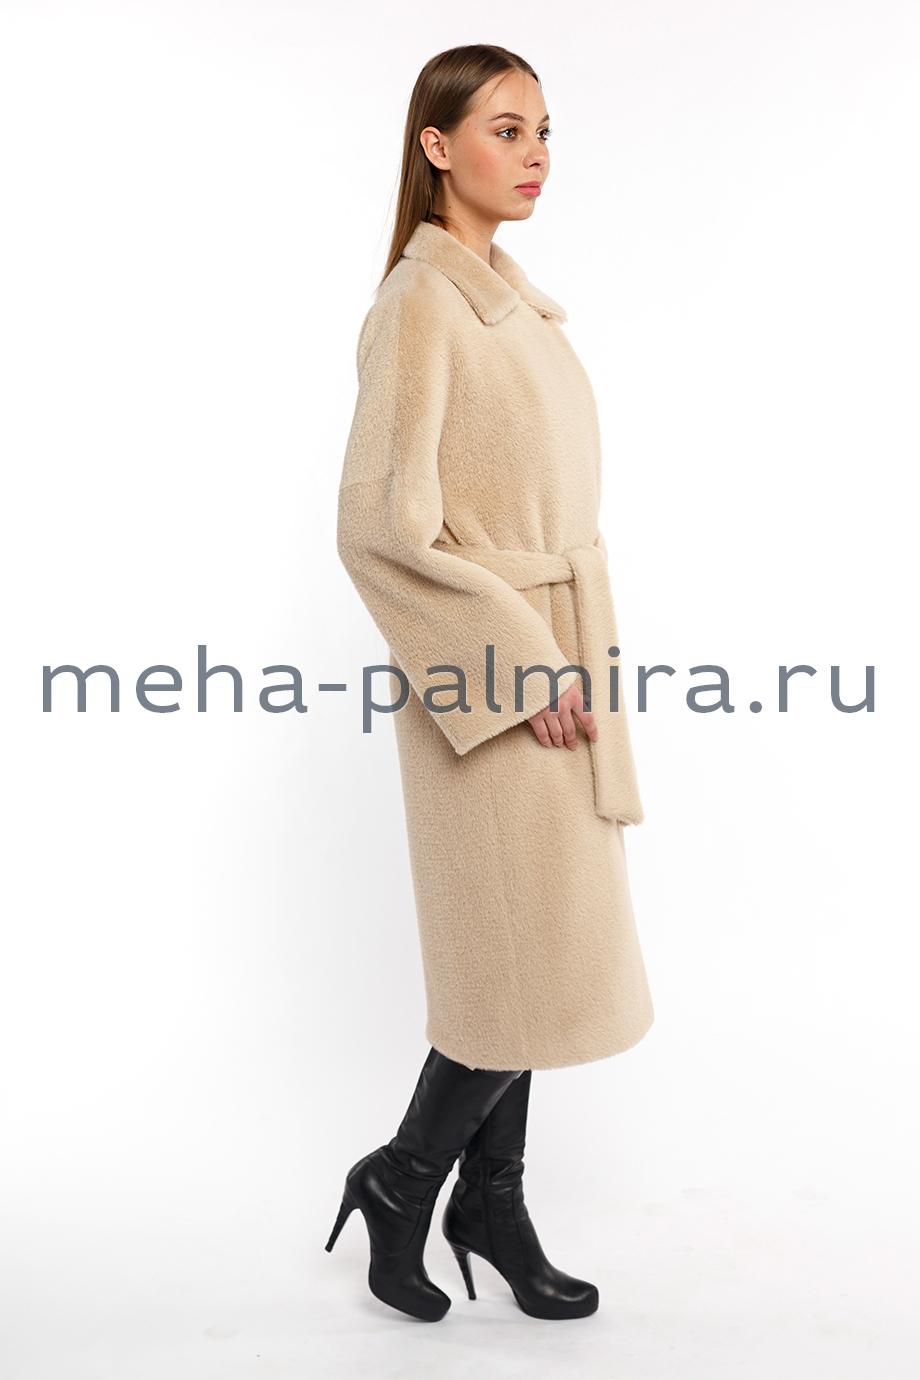 Пальто норка с шерстью цвет капучино